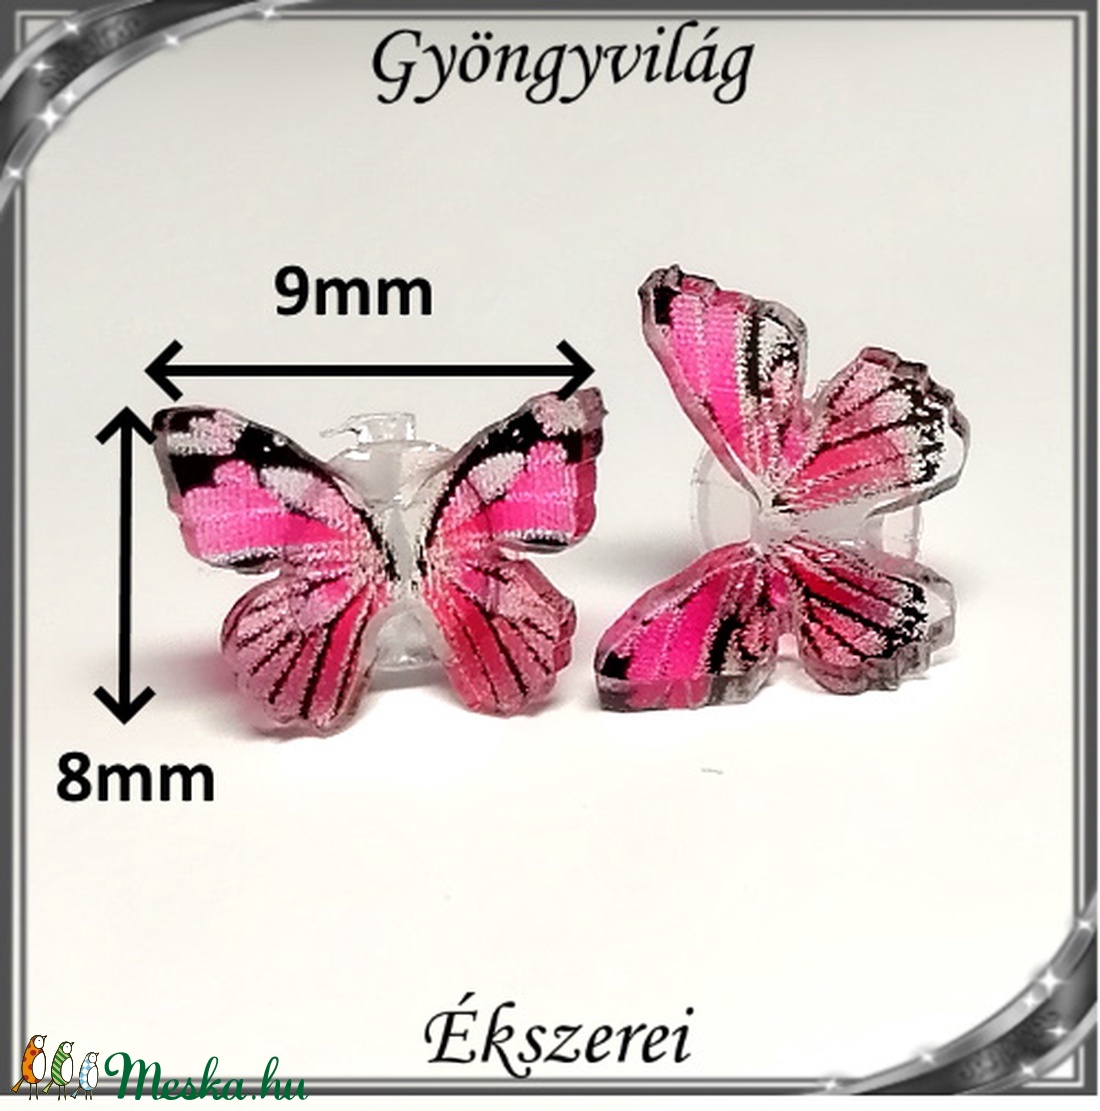 Kristály 3D-s pillangó szilikon fülbevaló 8x9mm-es SFSZ-K06 - ékszer - fülbevaló - pötty fülbevaló - Meska.hu